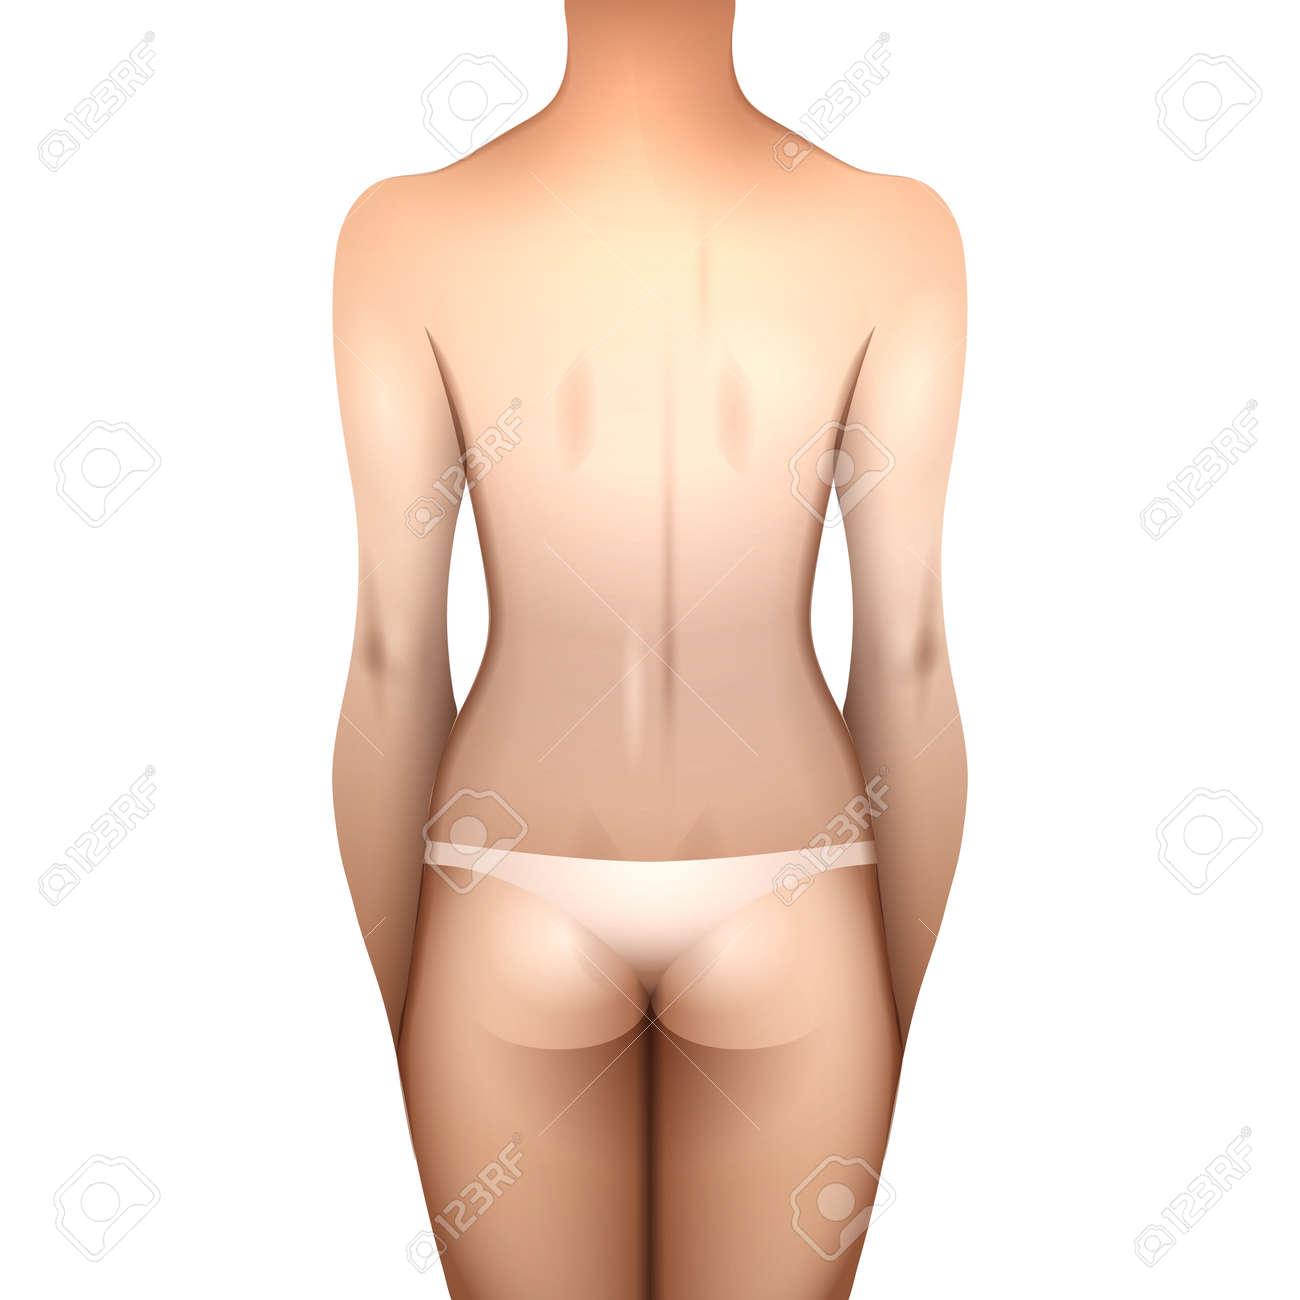 3217409fad77 Cuerpo de la mujer en ropa interior blanca europea. Vista trasera. Modelo  del vector para el diseño de tatuaje aislado en el fondo blanco